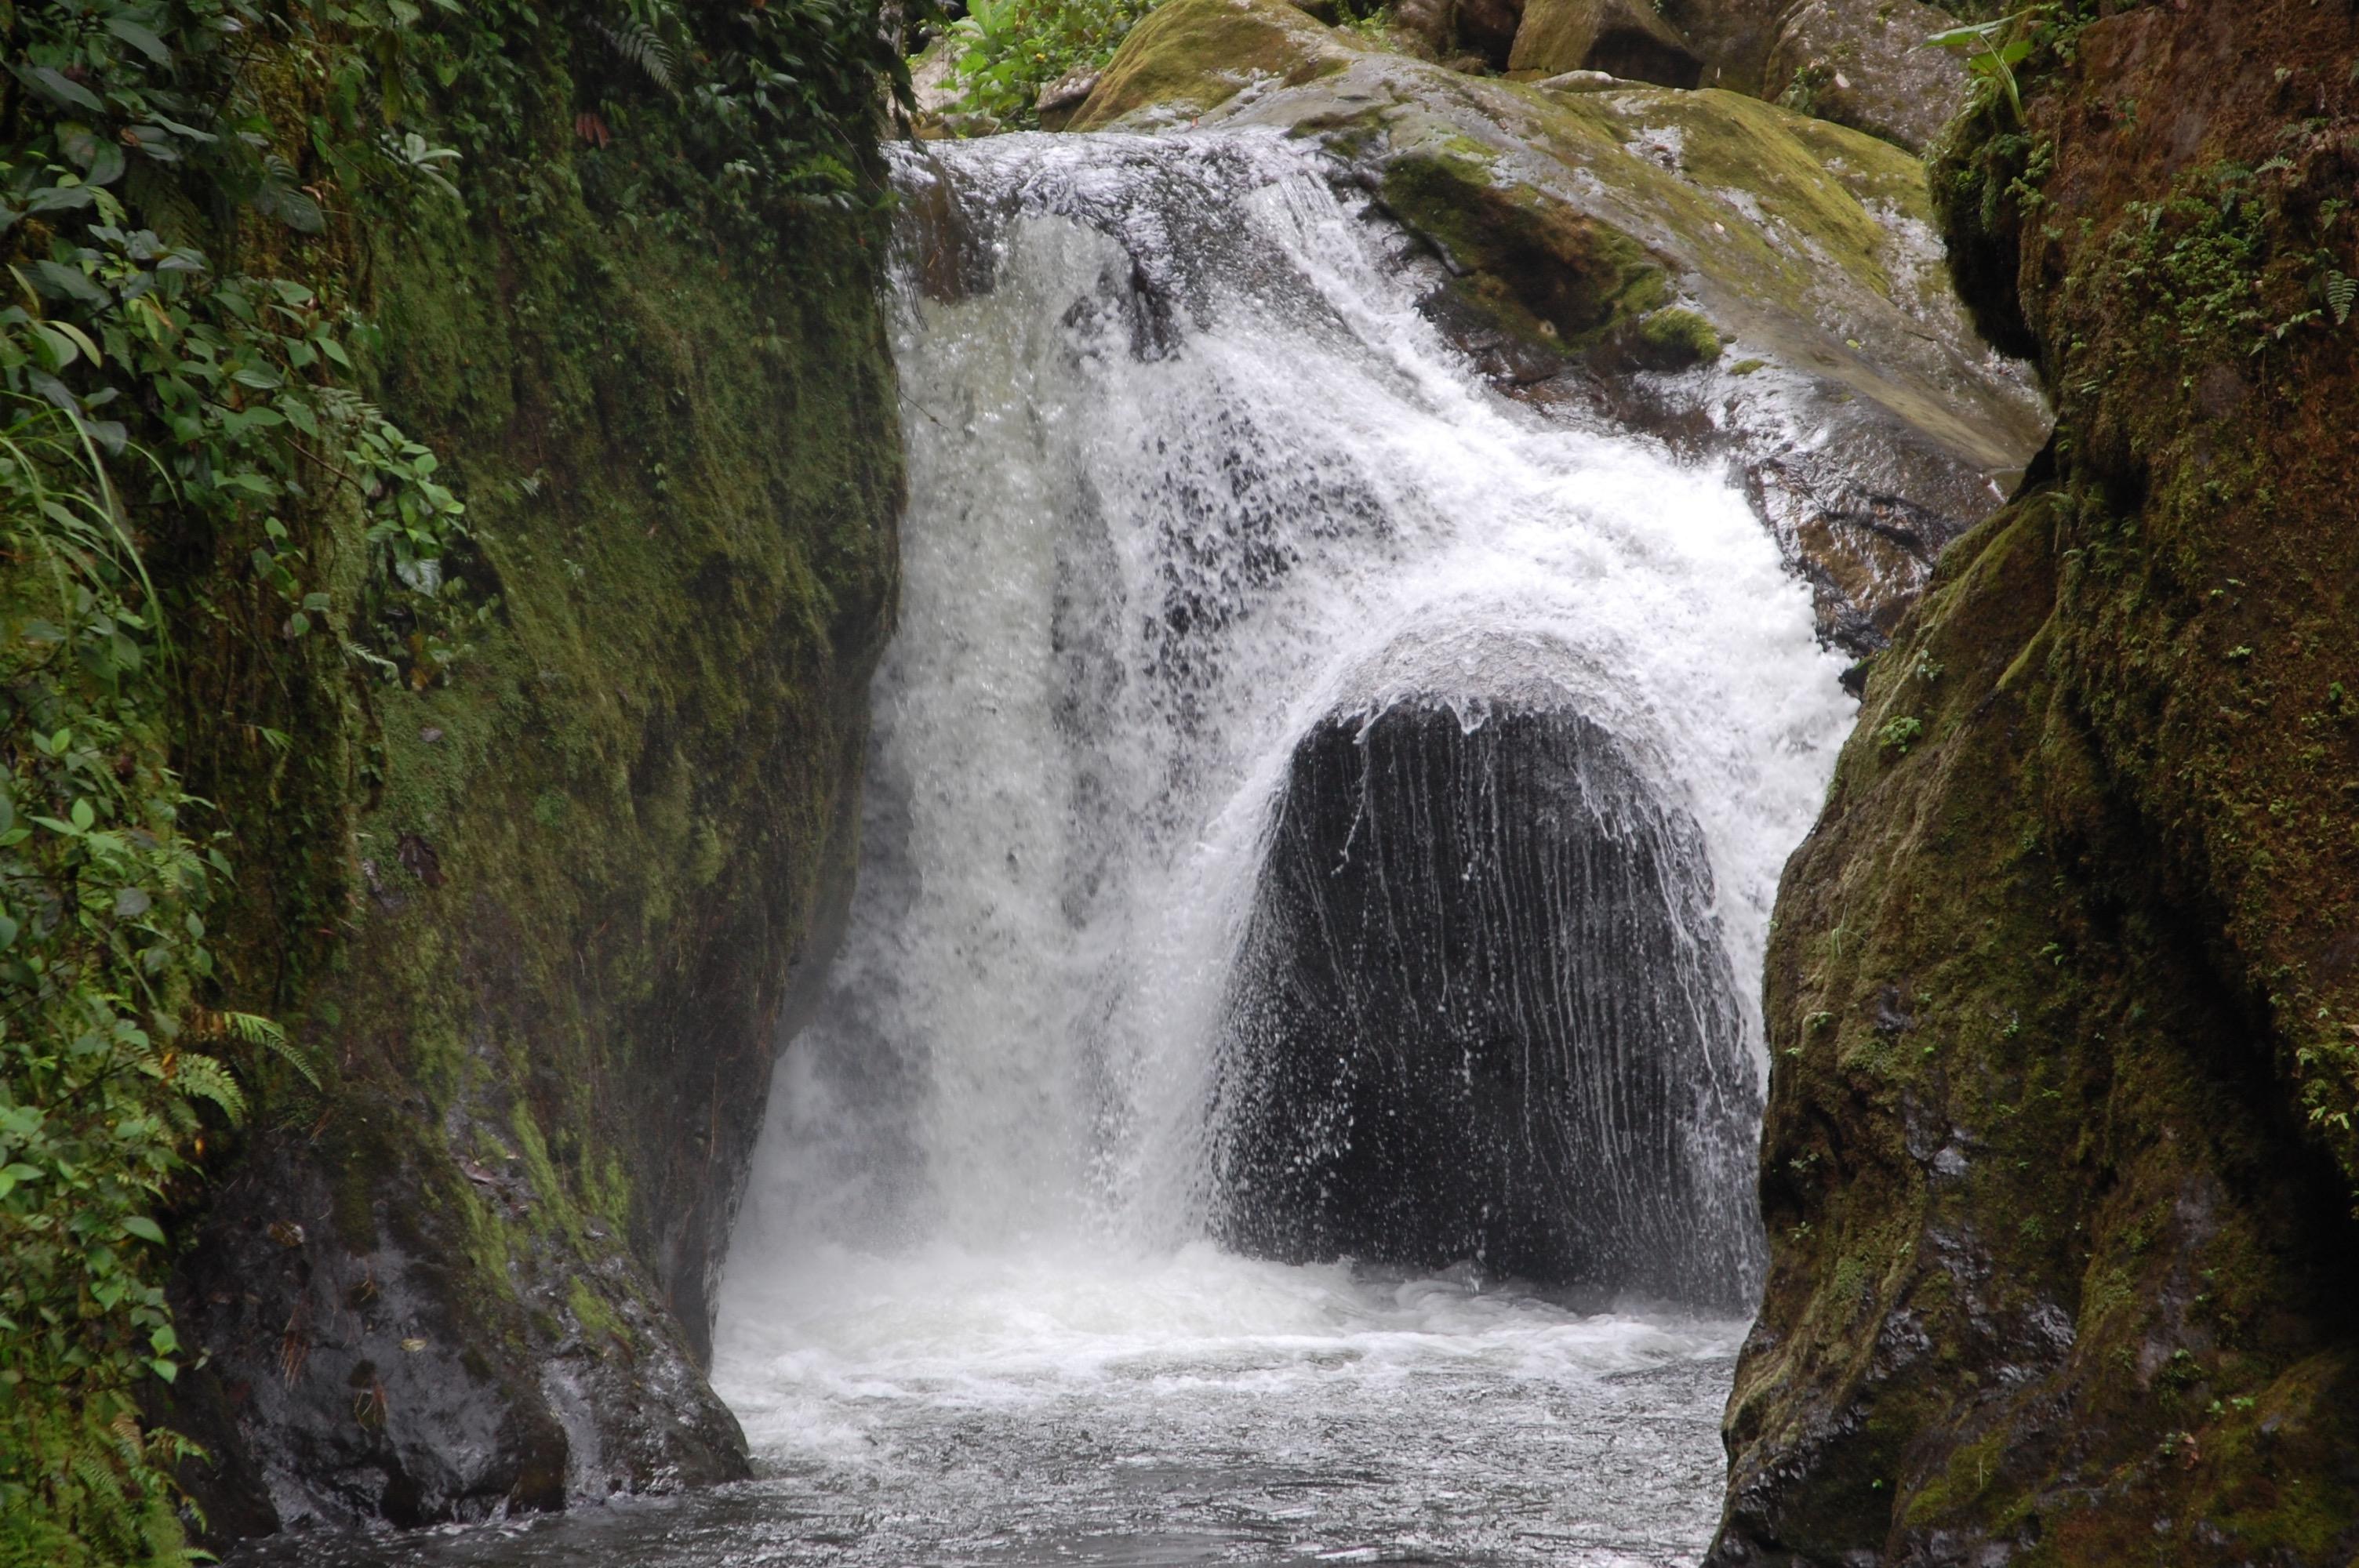 Waterfall in Mindo, Ecuador